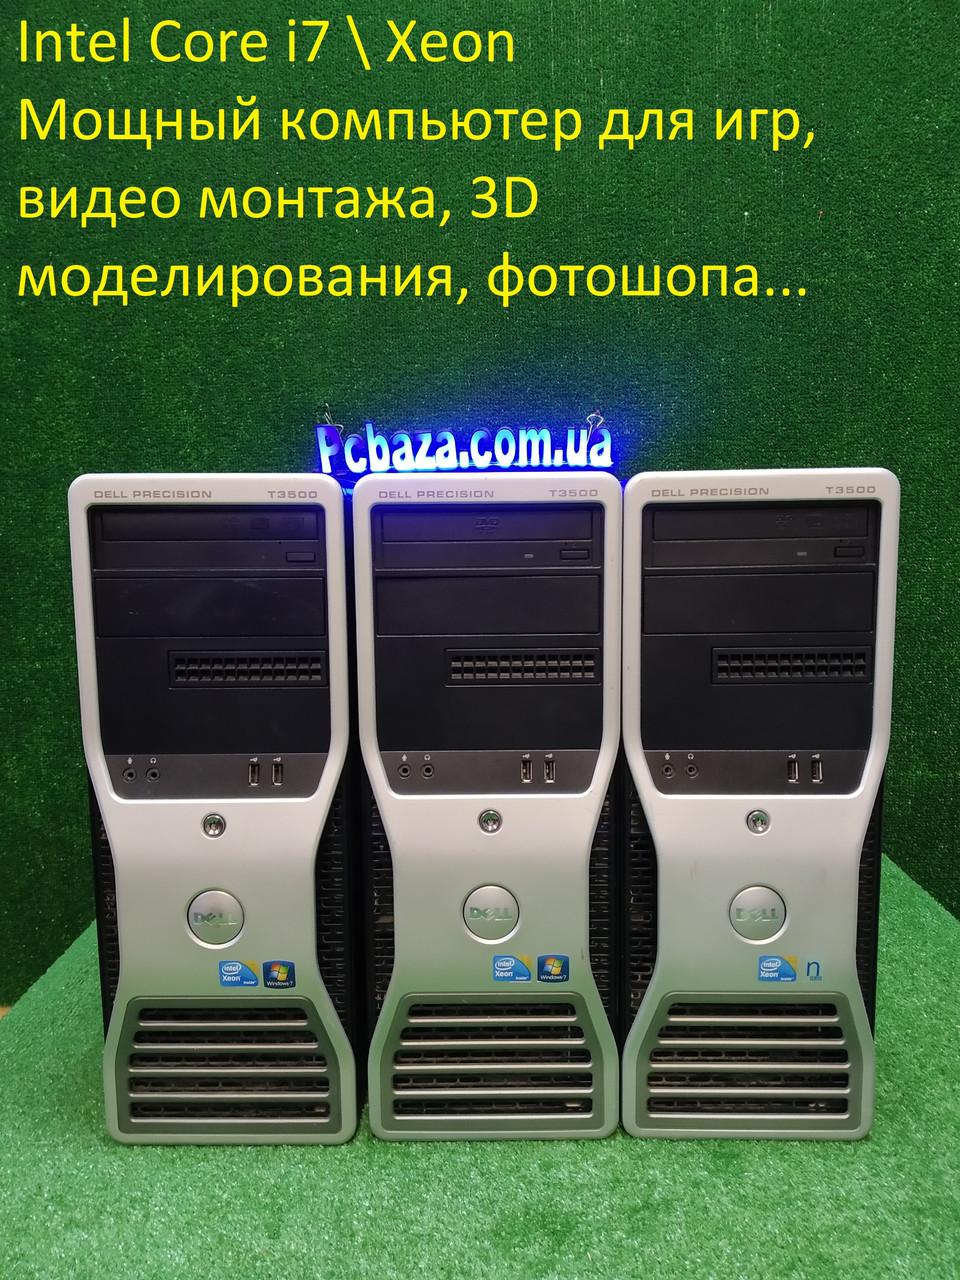 ПК Dell T3500\  Intel Core i7\ Xeon на 6(12) ядер \ 12 ГБ ОЗУ \